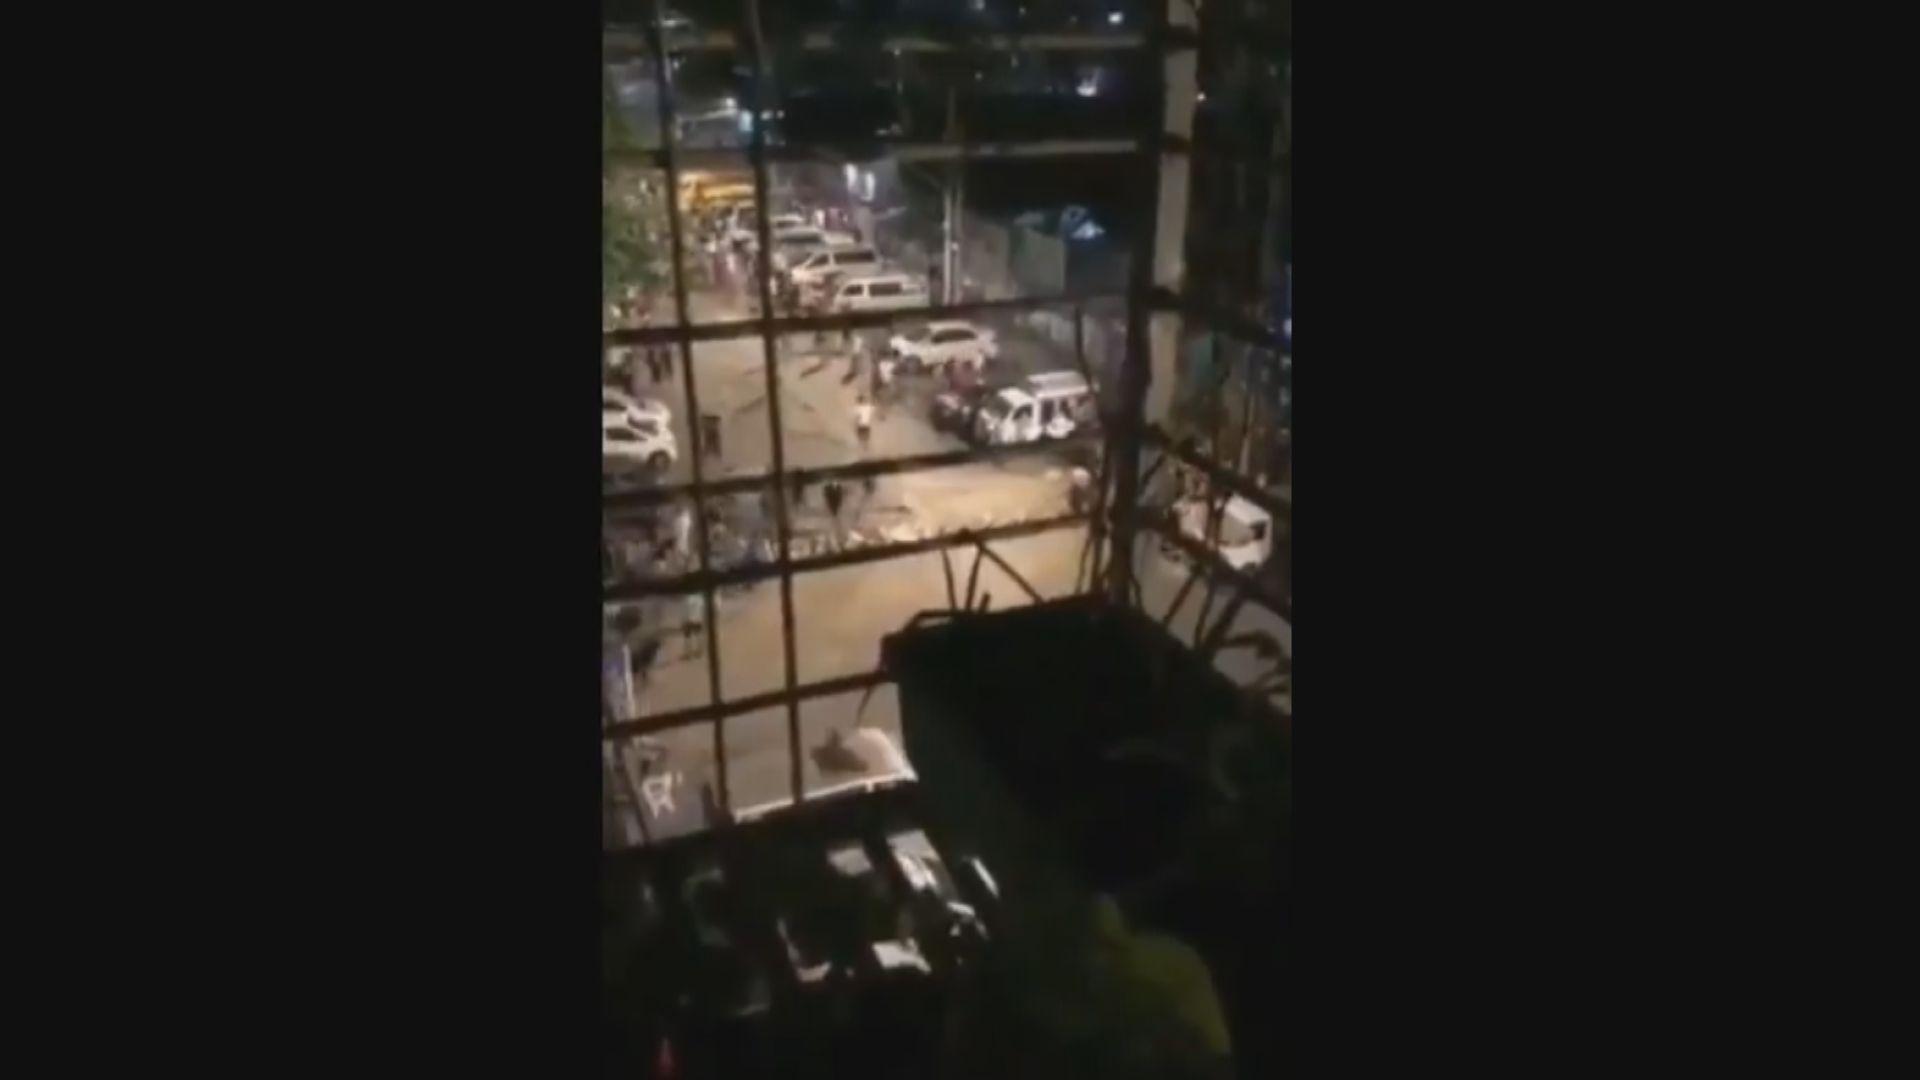 據報數百名在仰光遭警圍困示威者安全離開